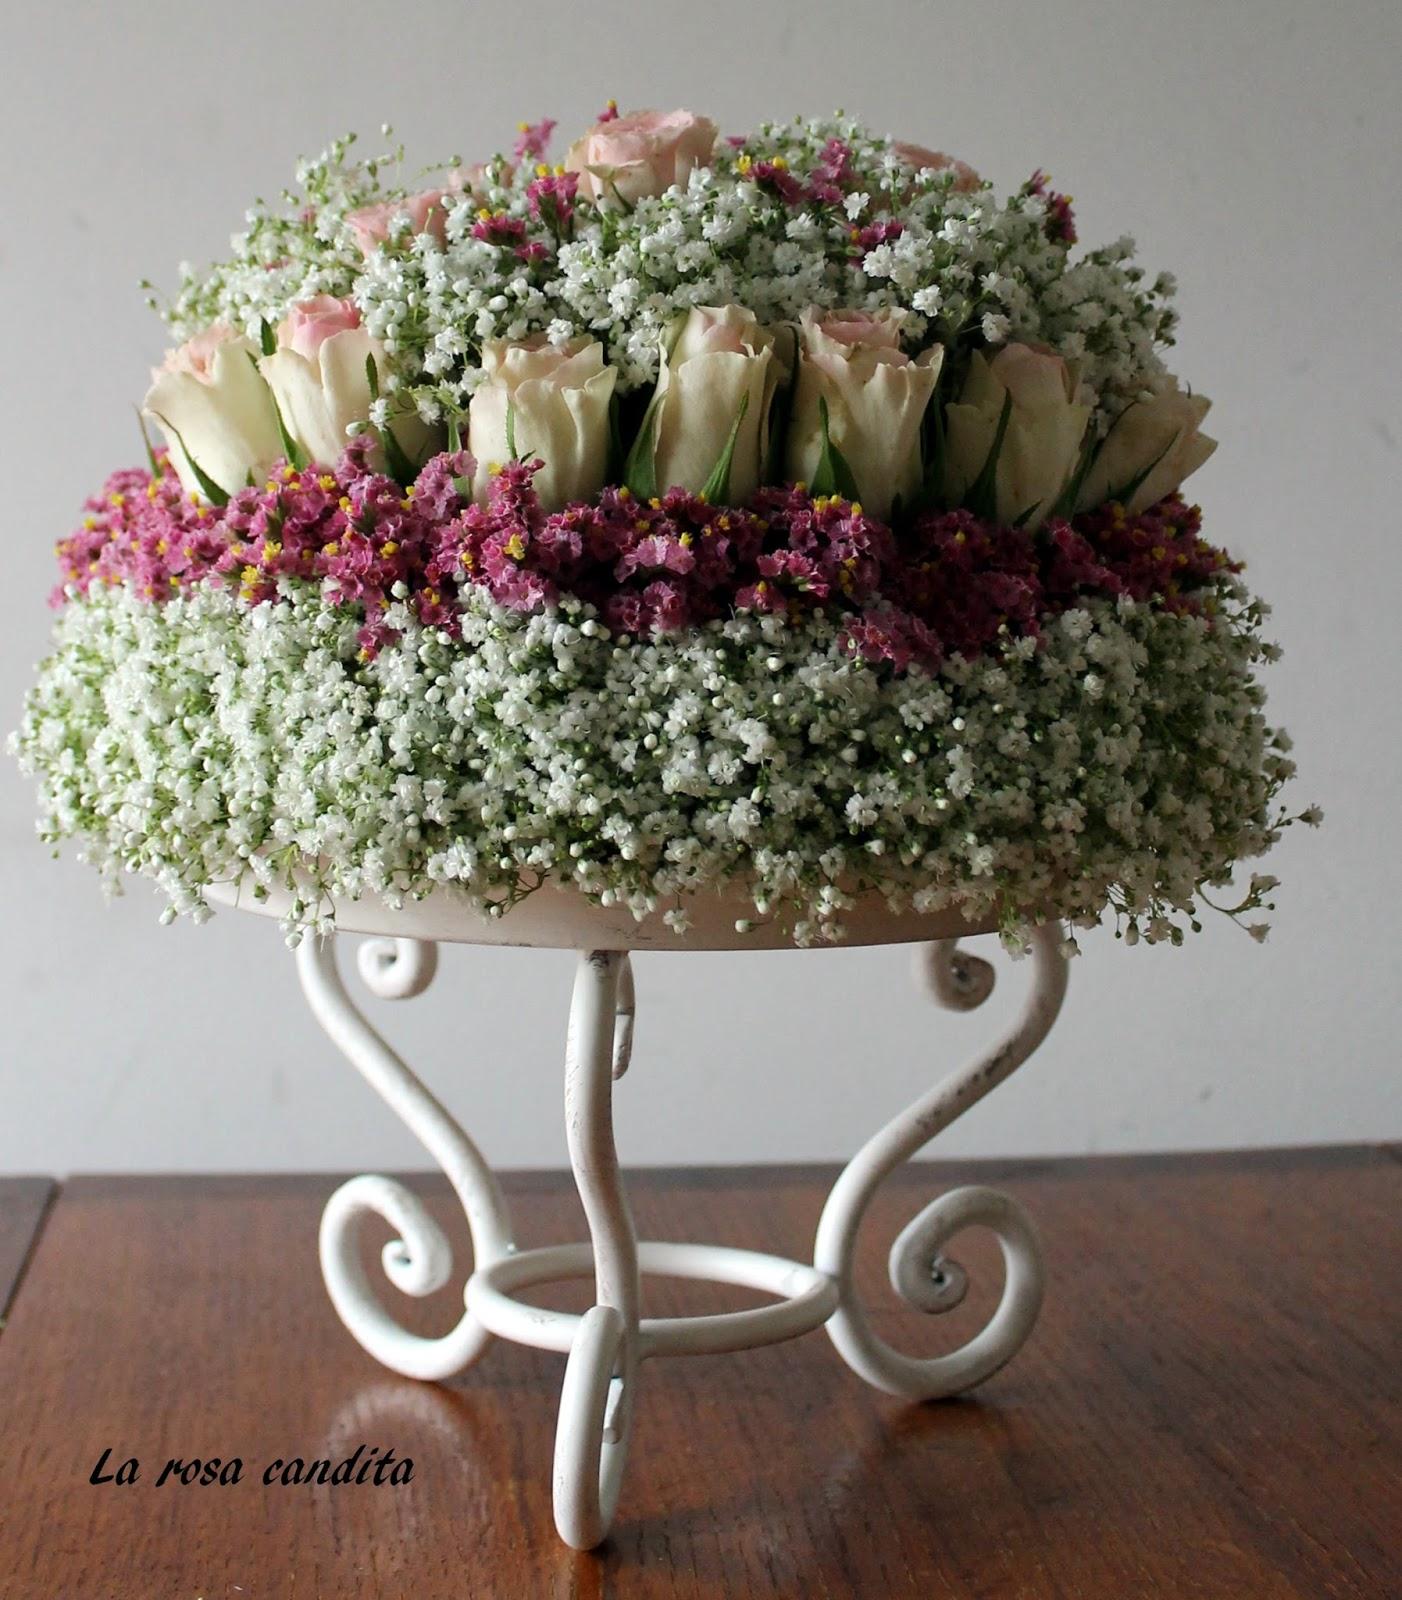 La rosa candita: Una torta di fiori